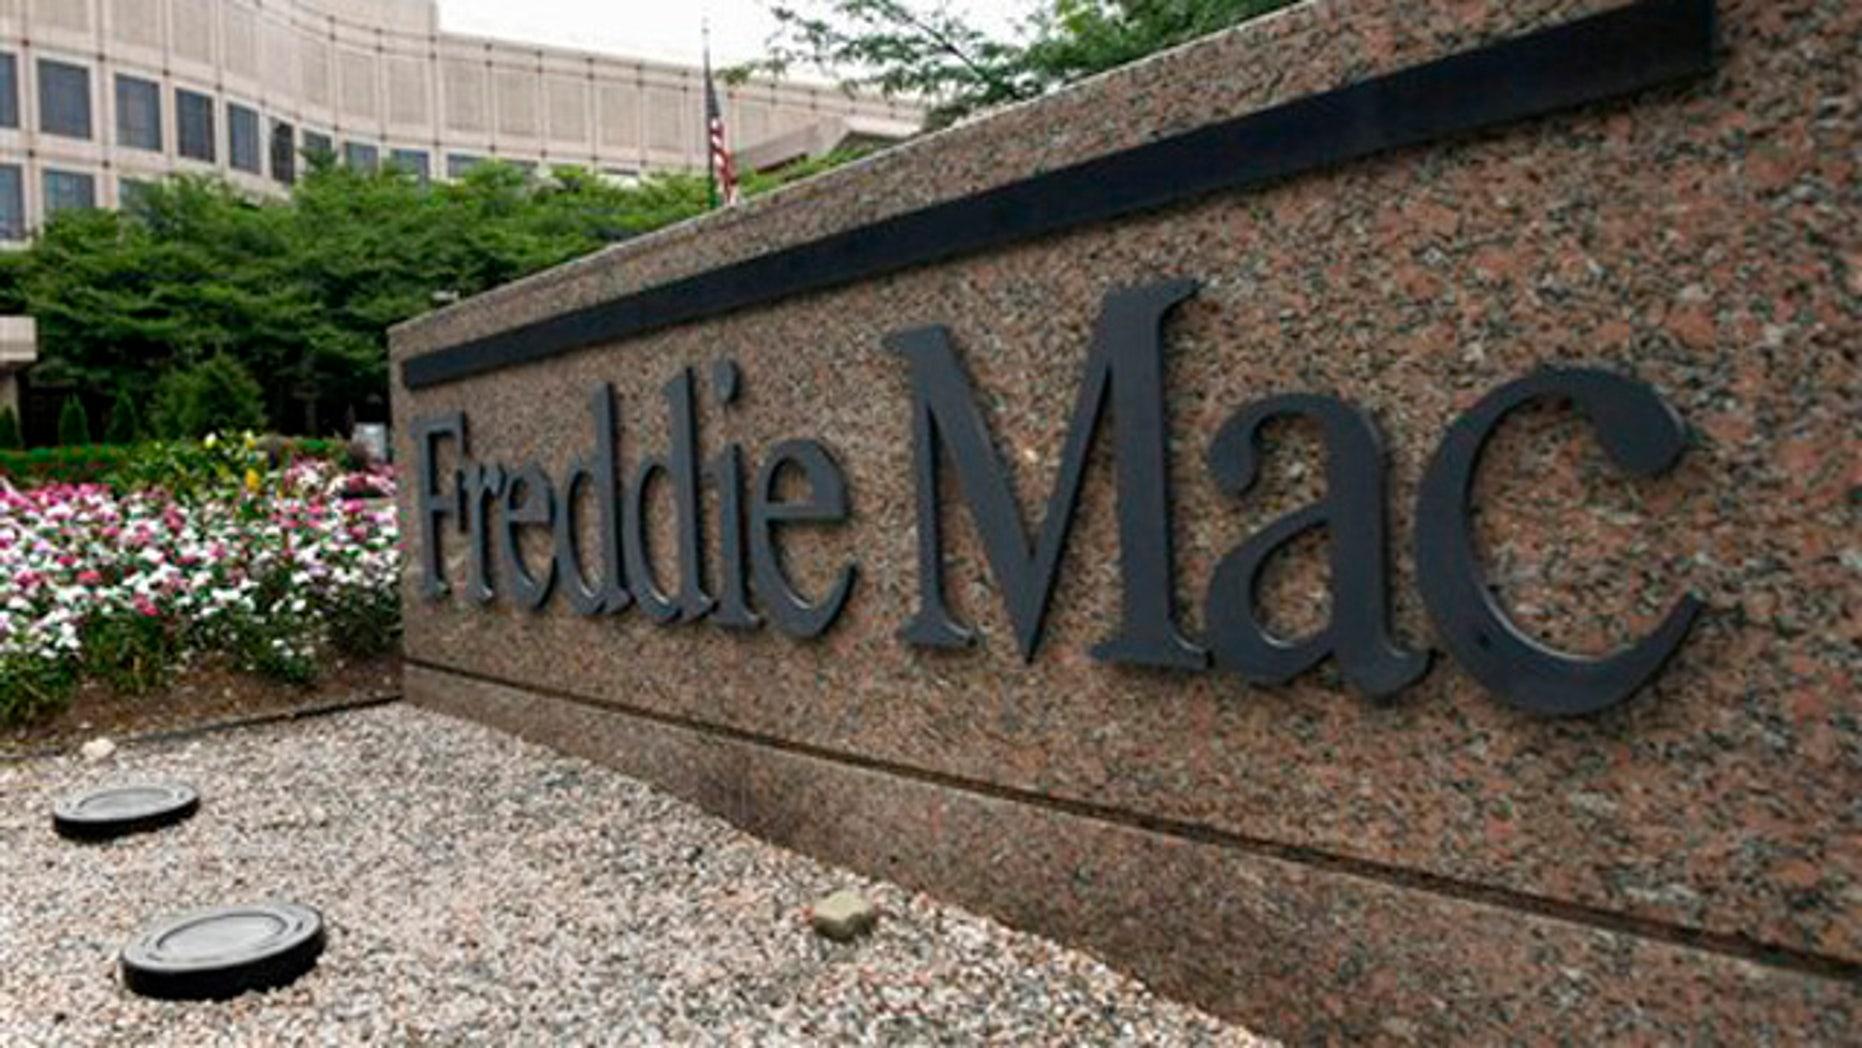 July 13, 2008: Shown here is the Freddie Mac headquarters in McLean, Va